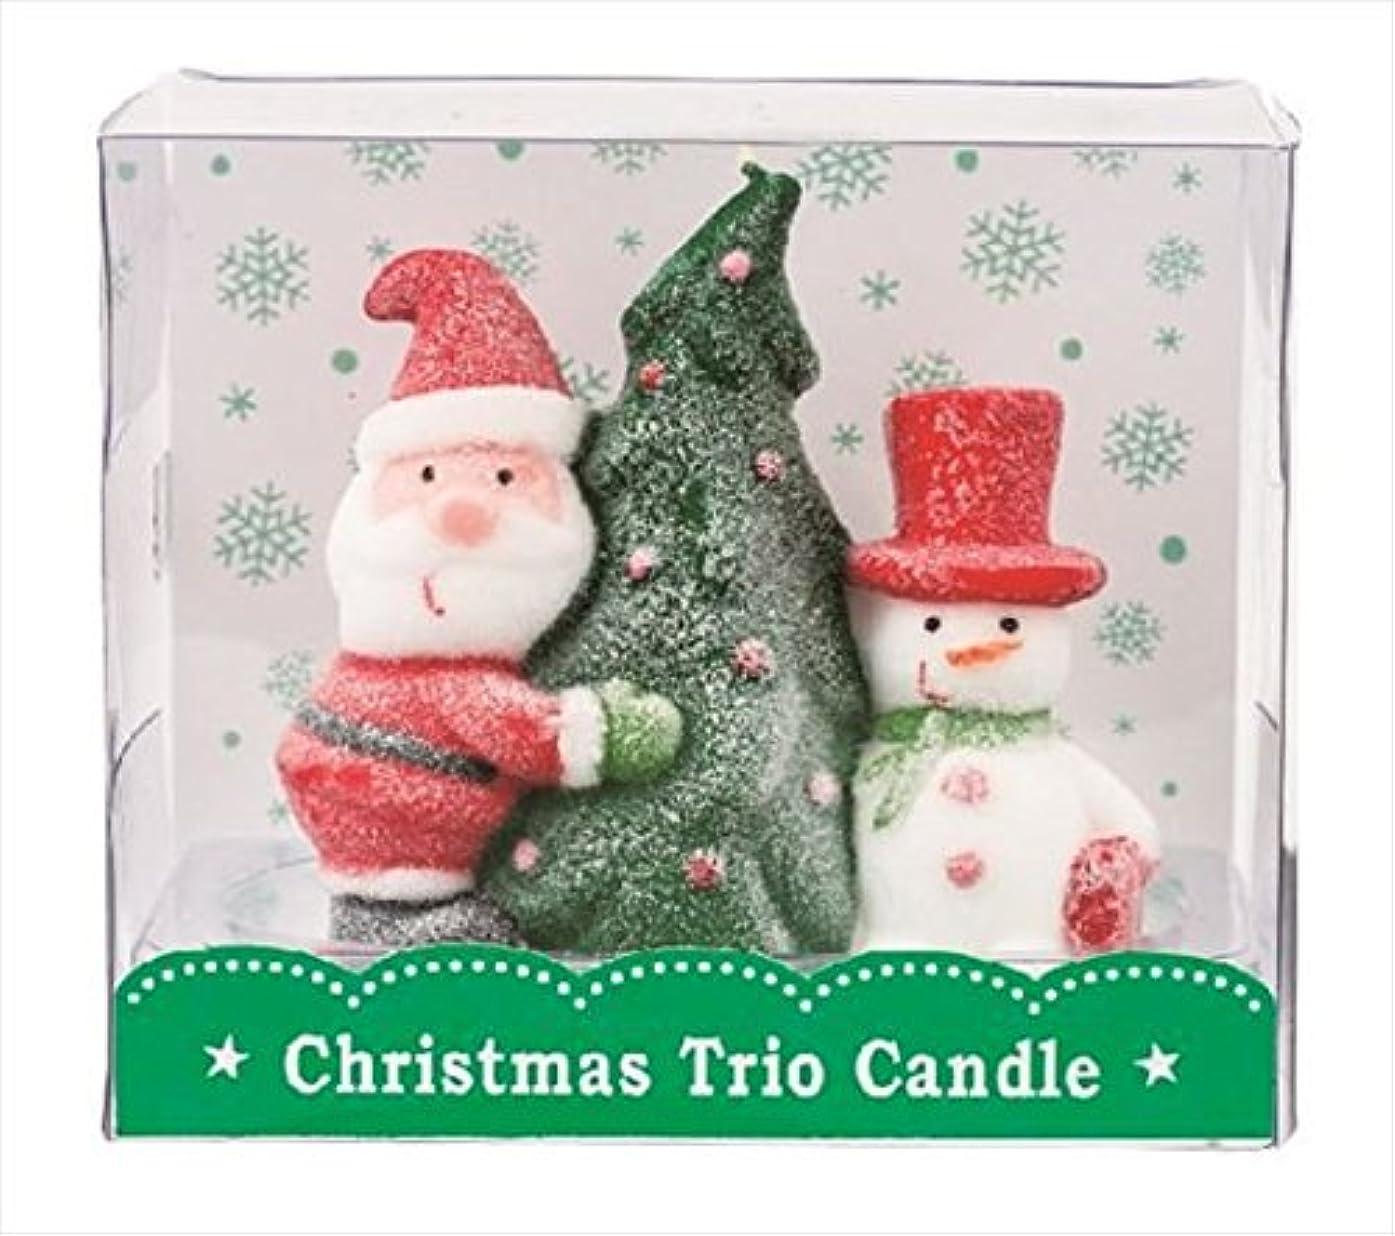 適性顕現火曜日kameyama candle(カメヤマキャンドル) クリスマストリオキャンドル 「 ツリー 」(A3220020)